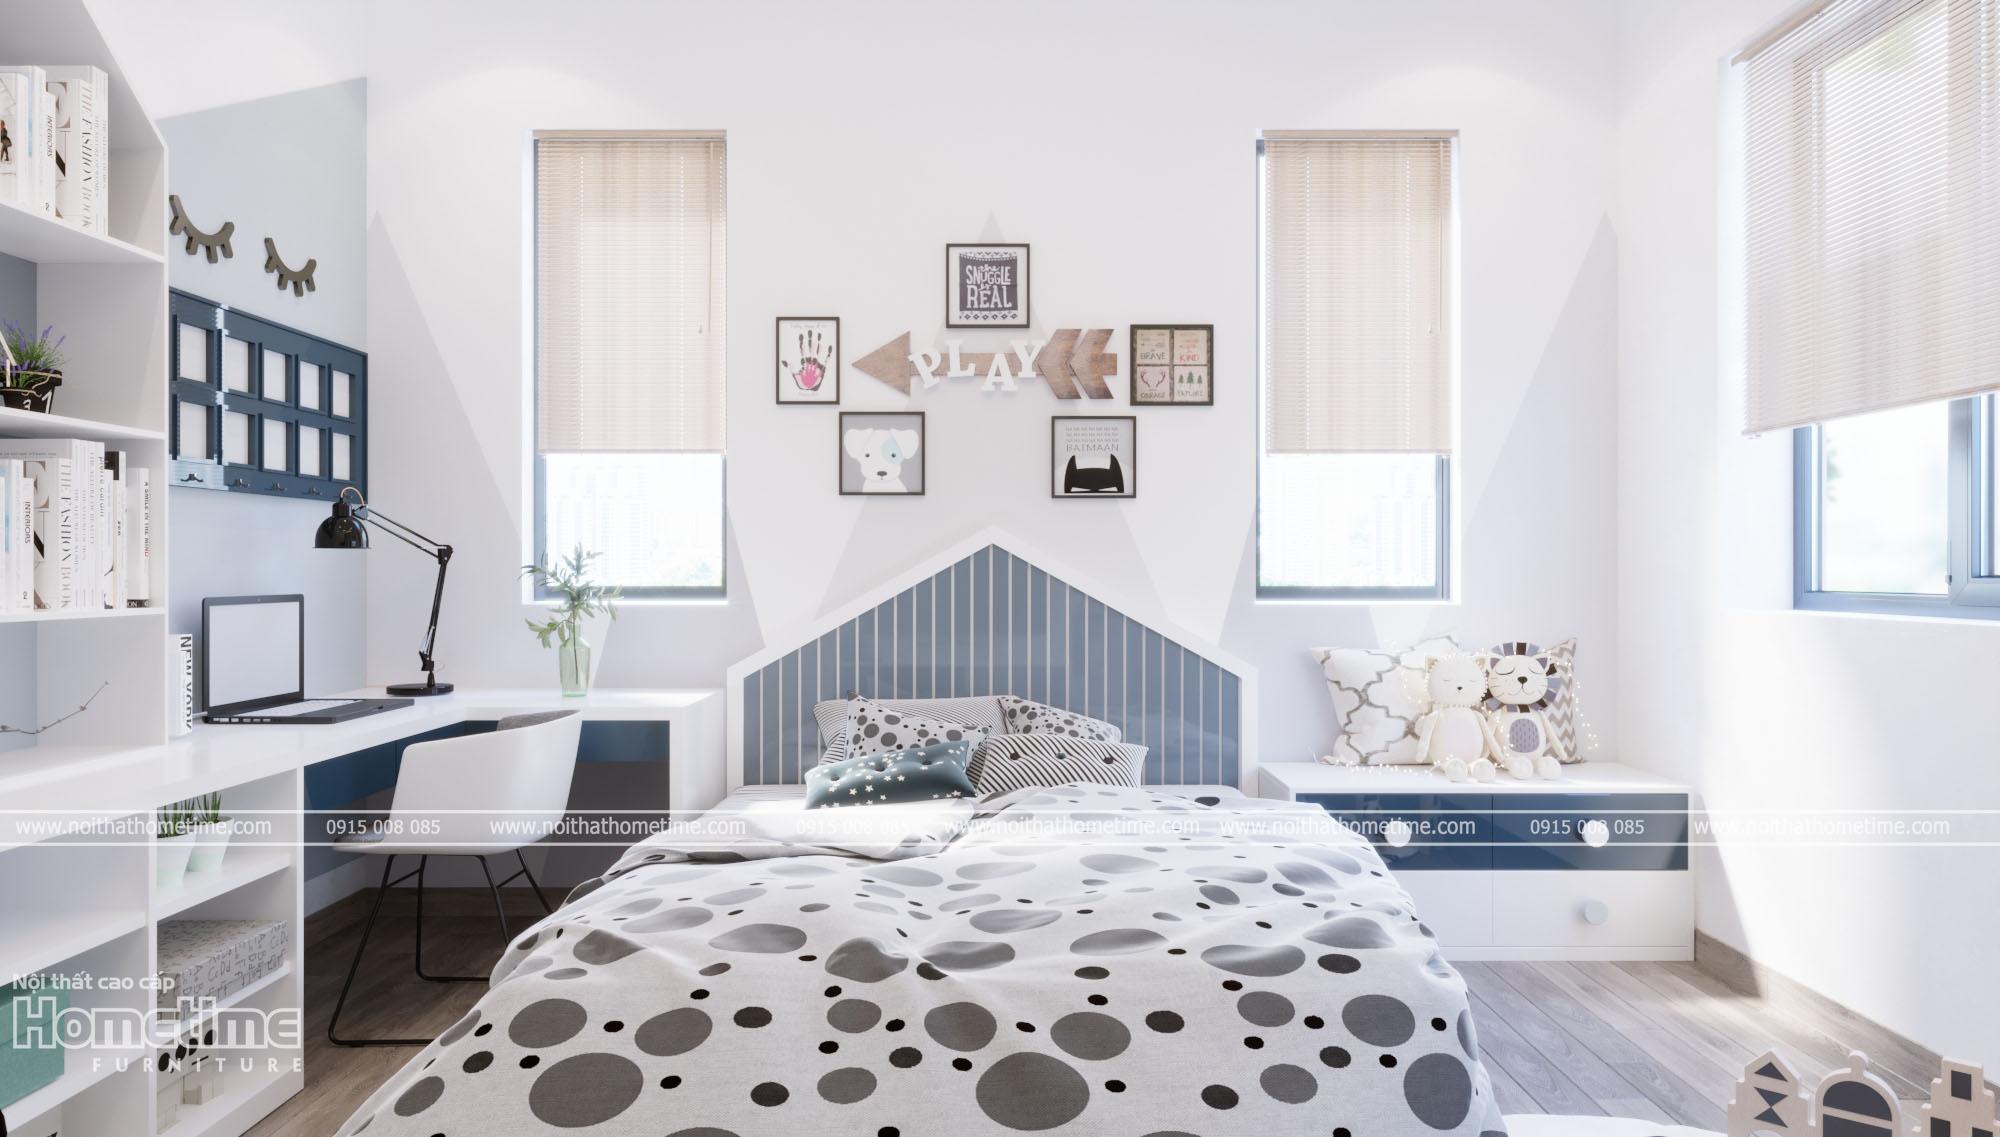 Thiết kế nội thất phòng ngủ bé trai - Decor trang trí đẹp